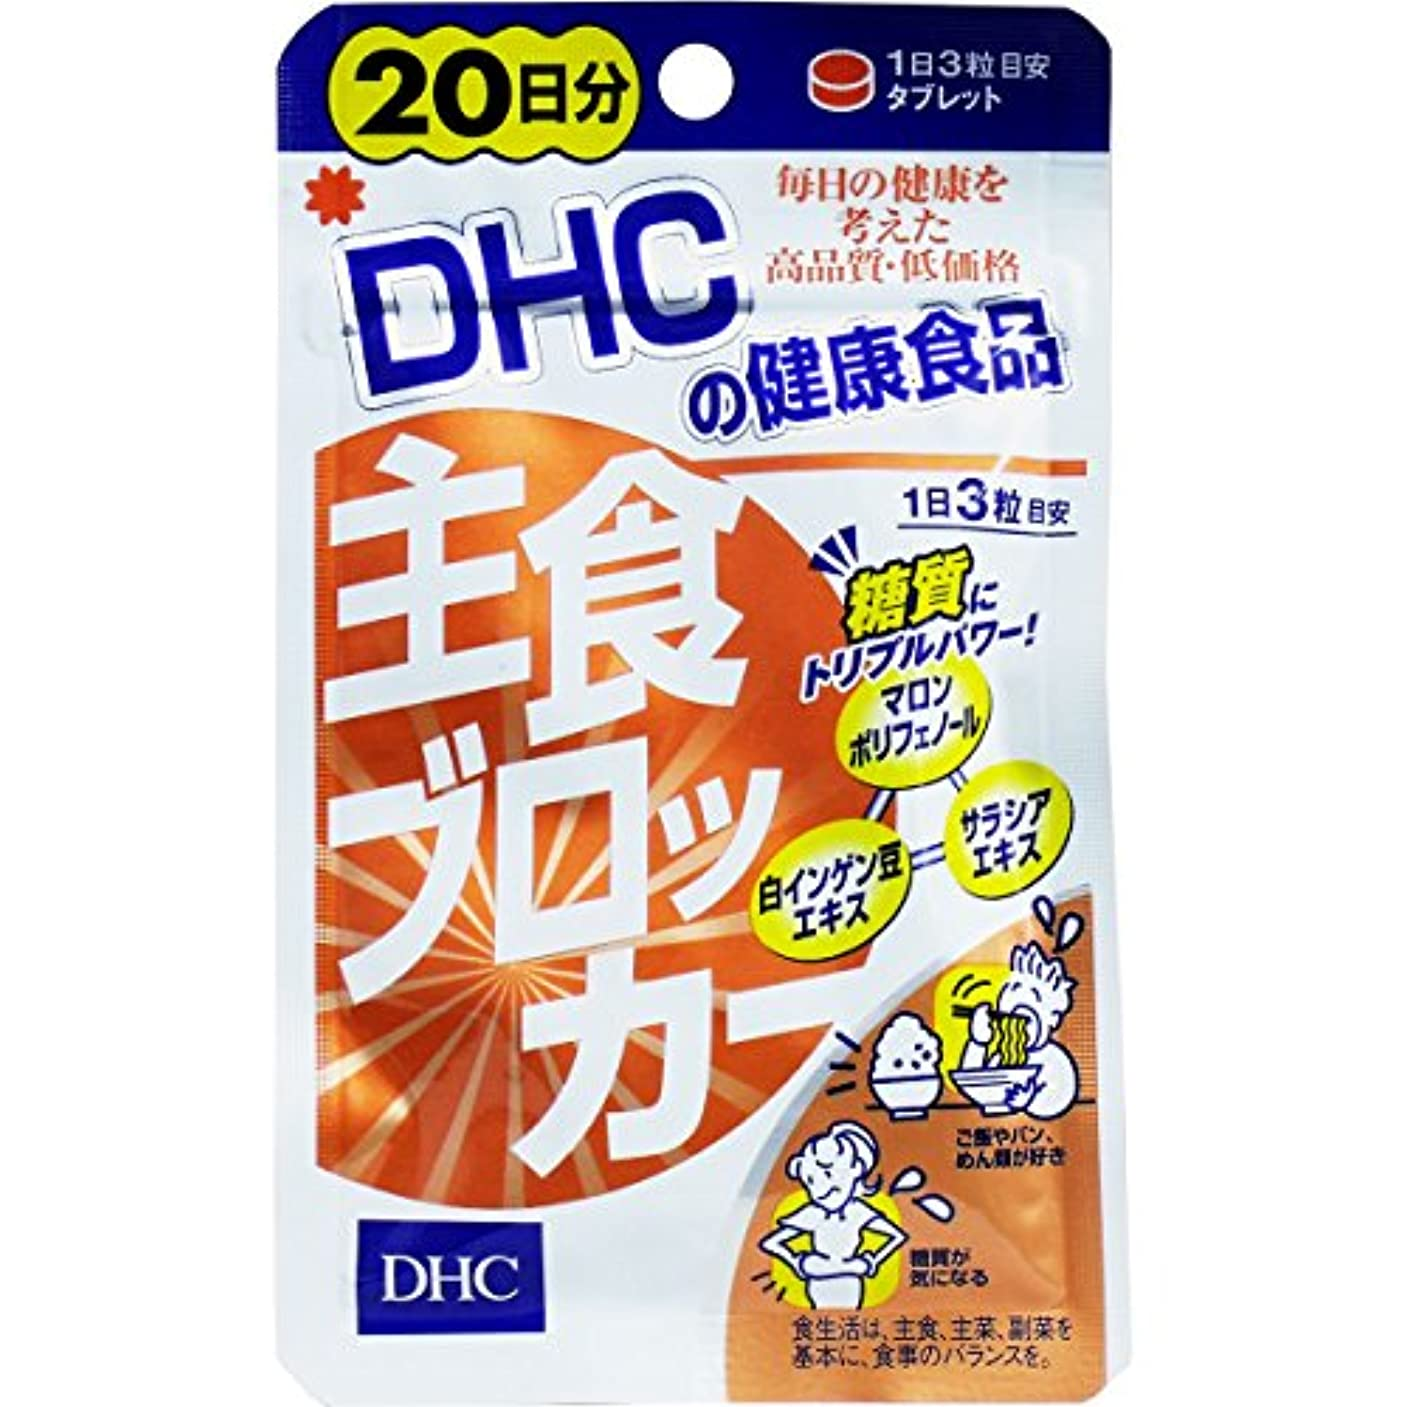 リビングルーム迷信賞賛ダイエット トリプルパワーでため込み対策 栄養機能食品 DHC 主食ブロッカー 20日分 60粒入【4個セット】